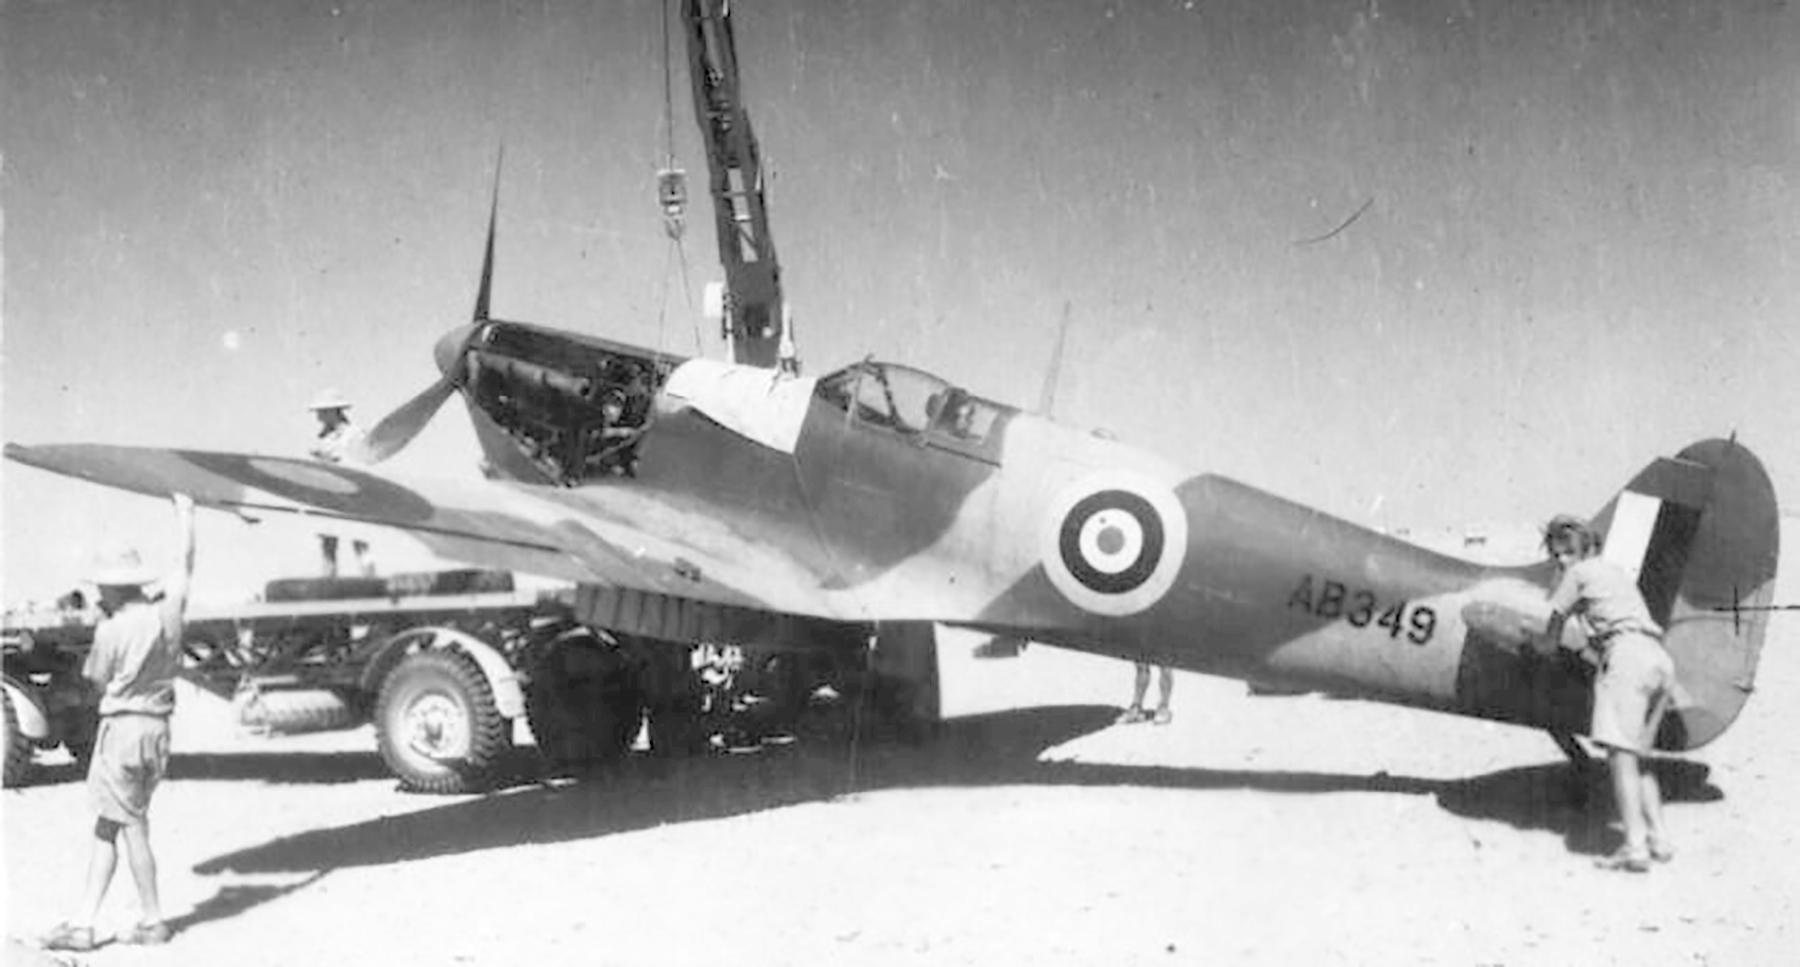 Spitfire MkVcTrop SAAF AB349 01